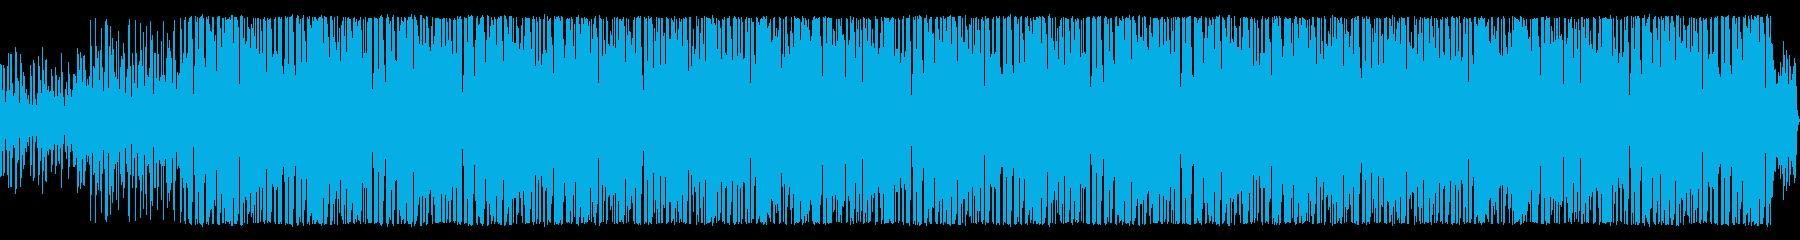 サウスミュージック。ラテンの再生済みの波形